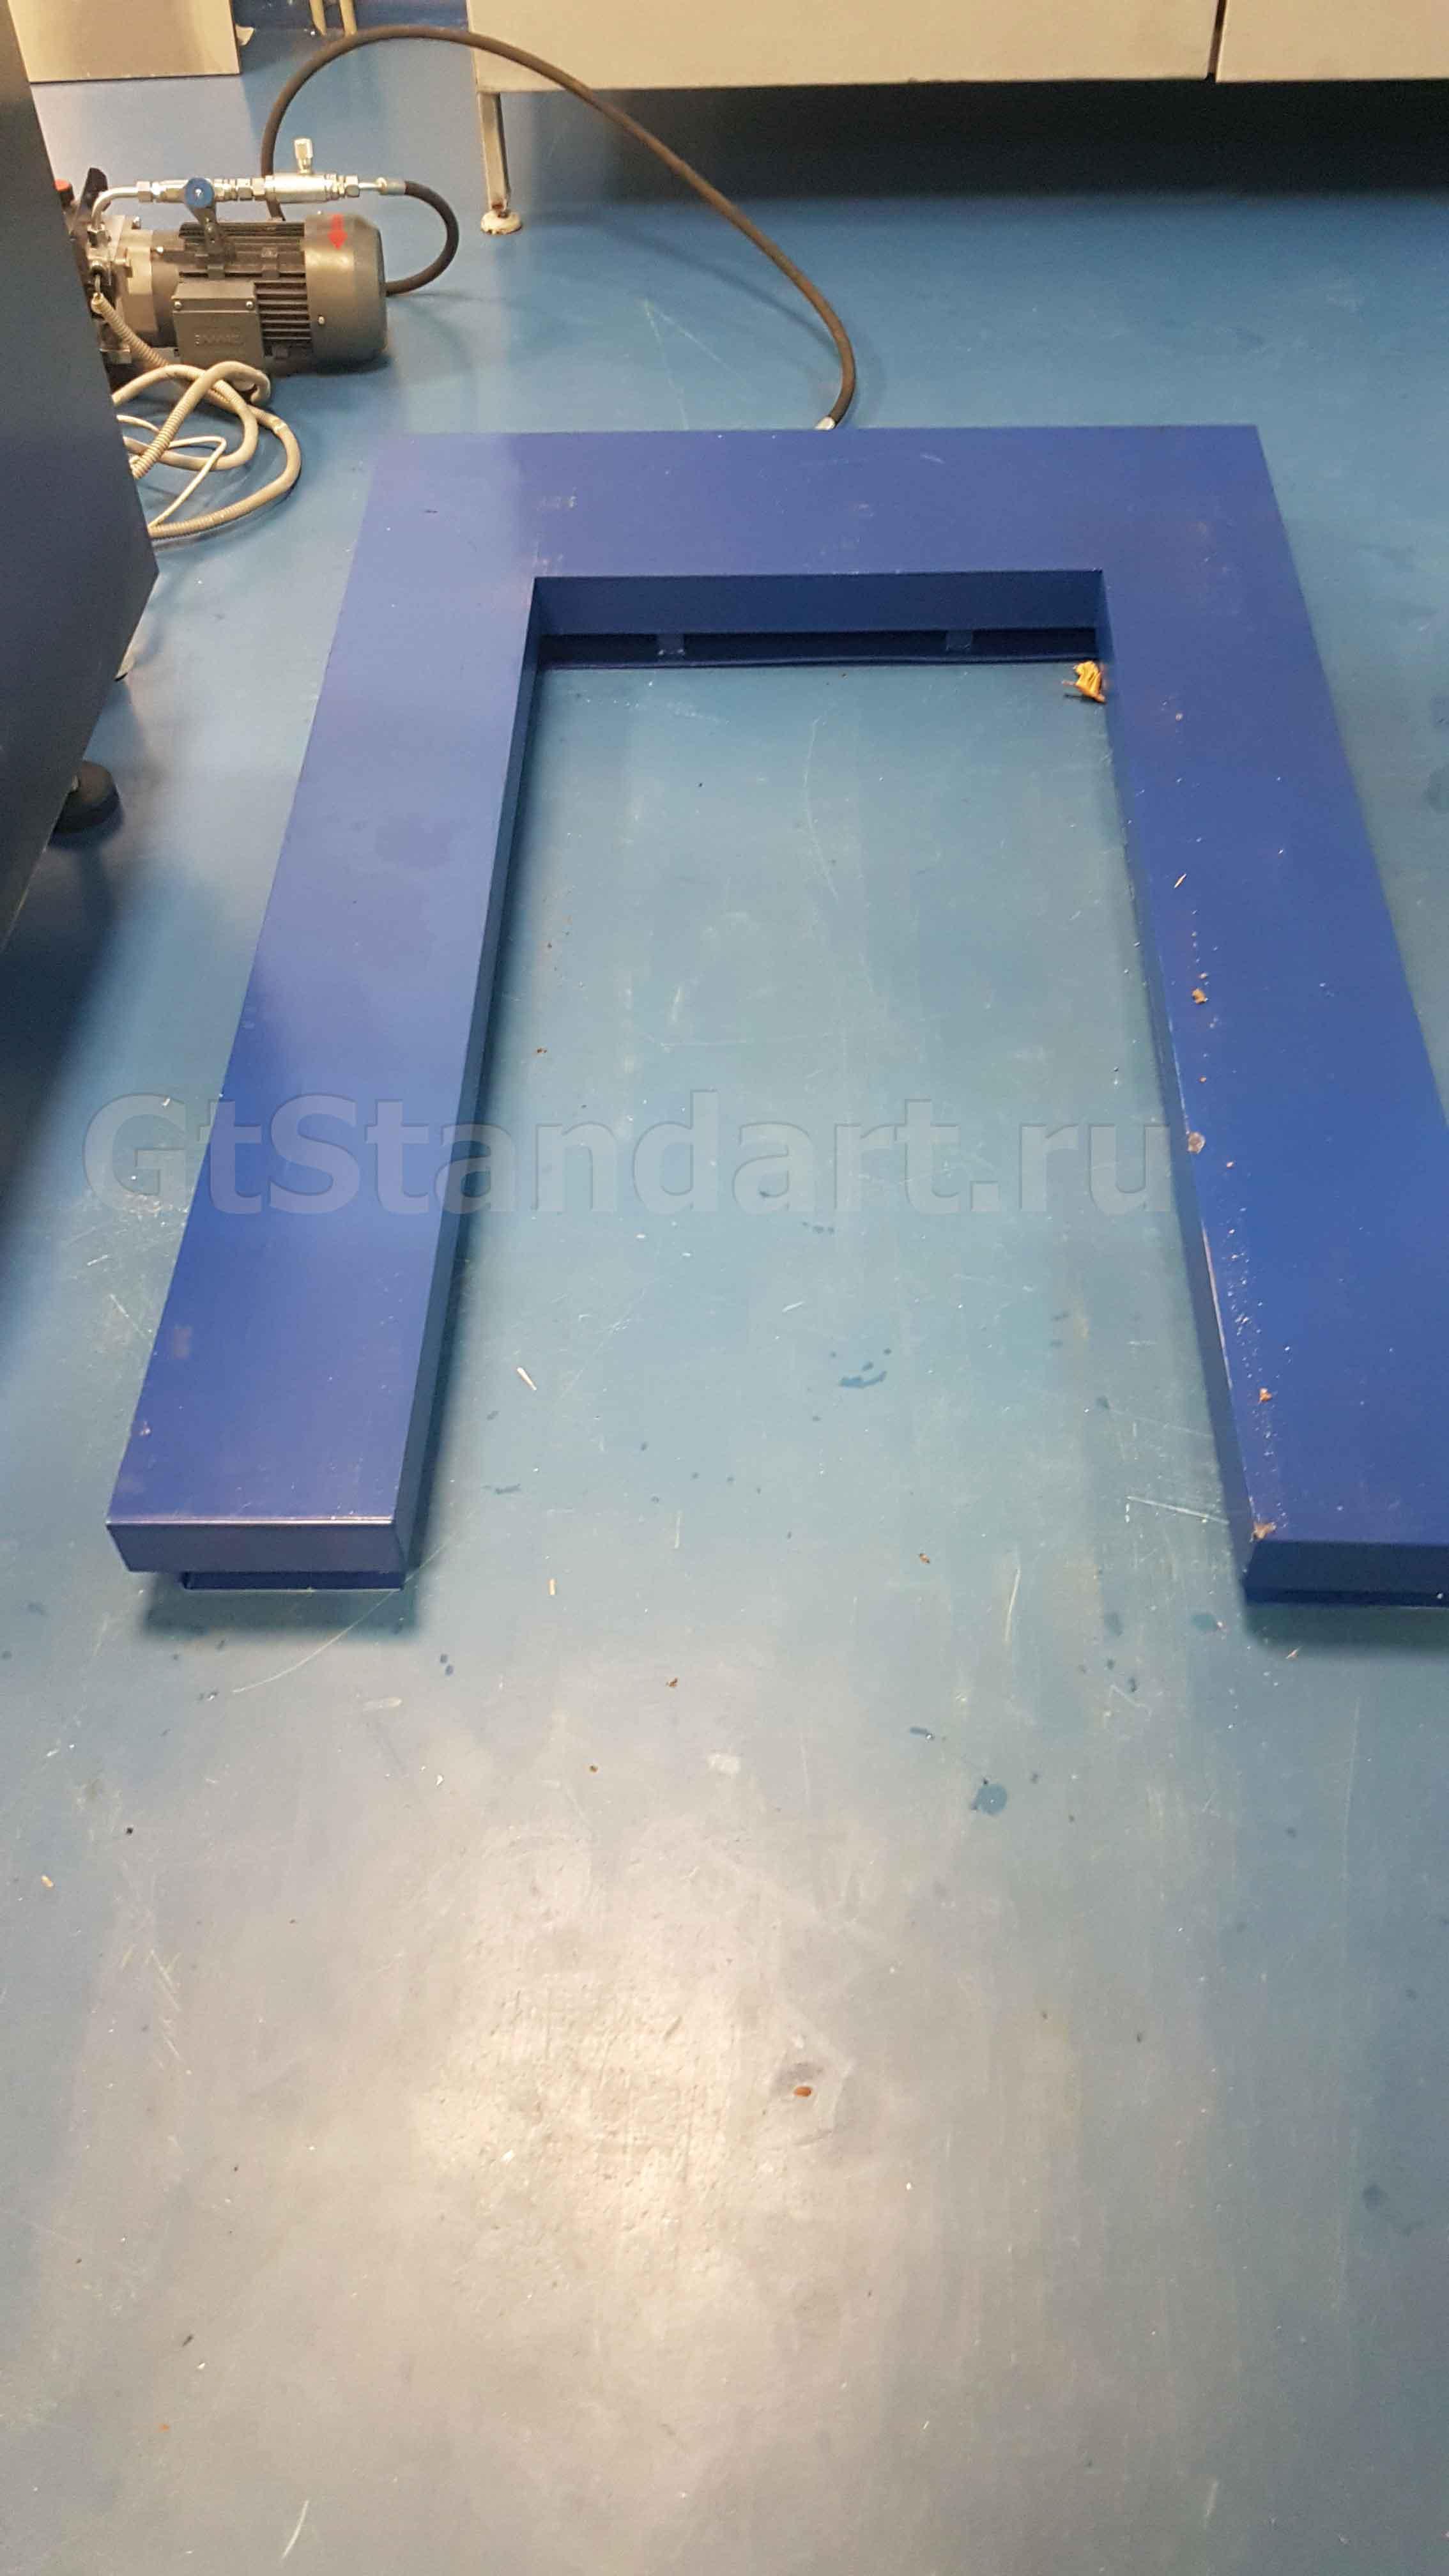 E образный подъёмный стол